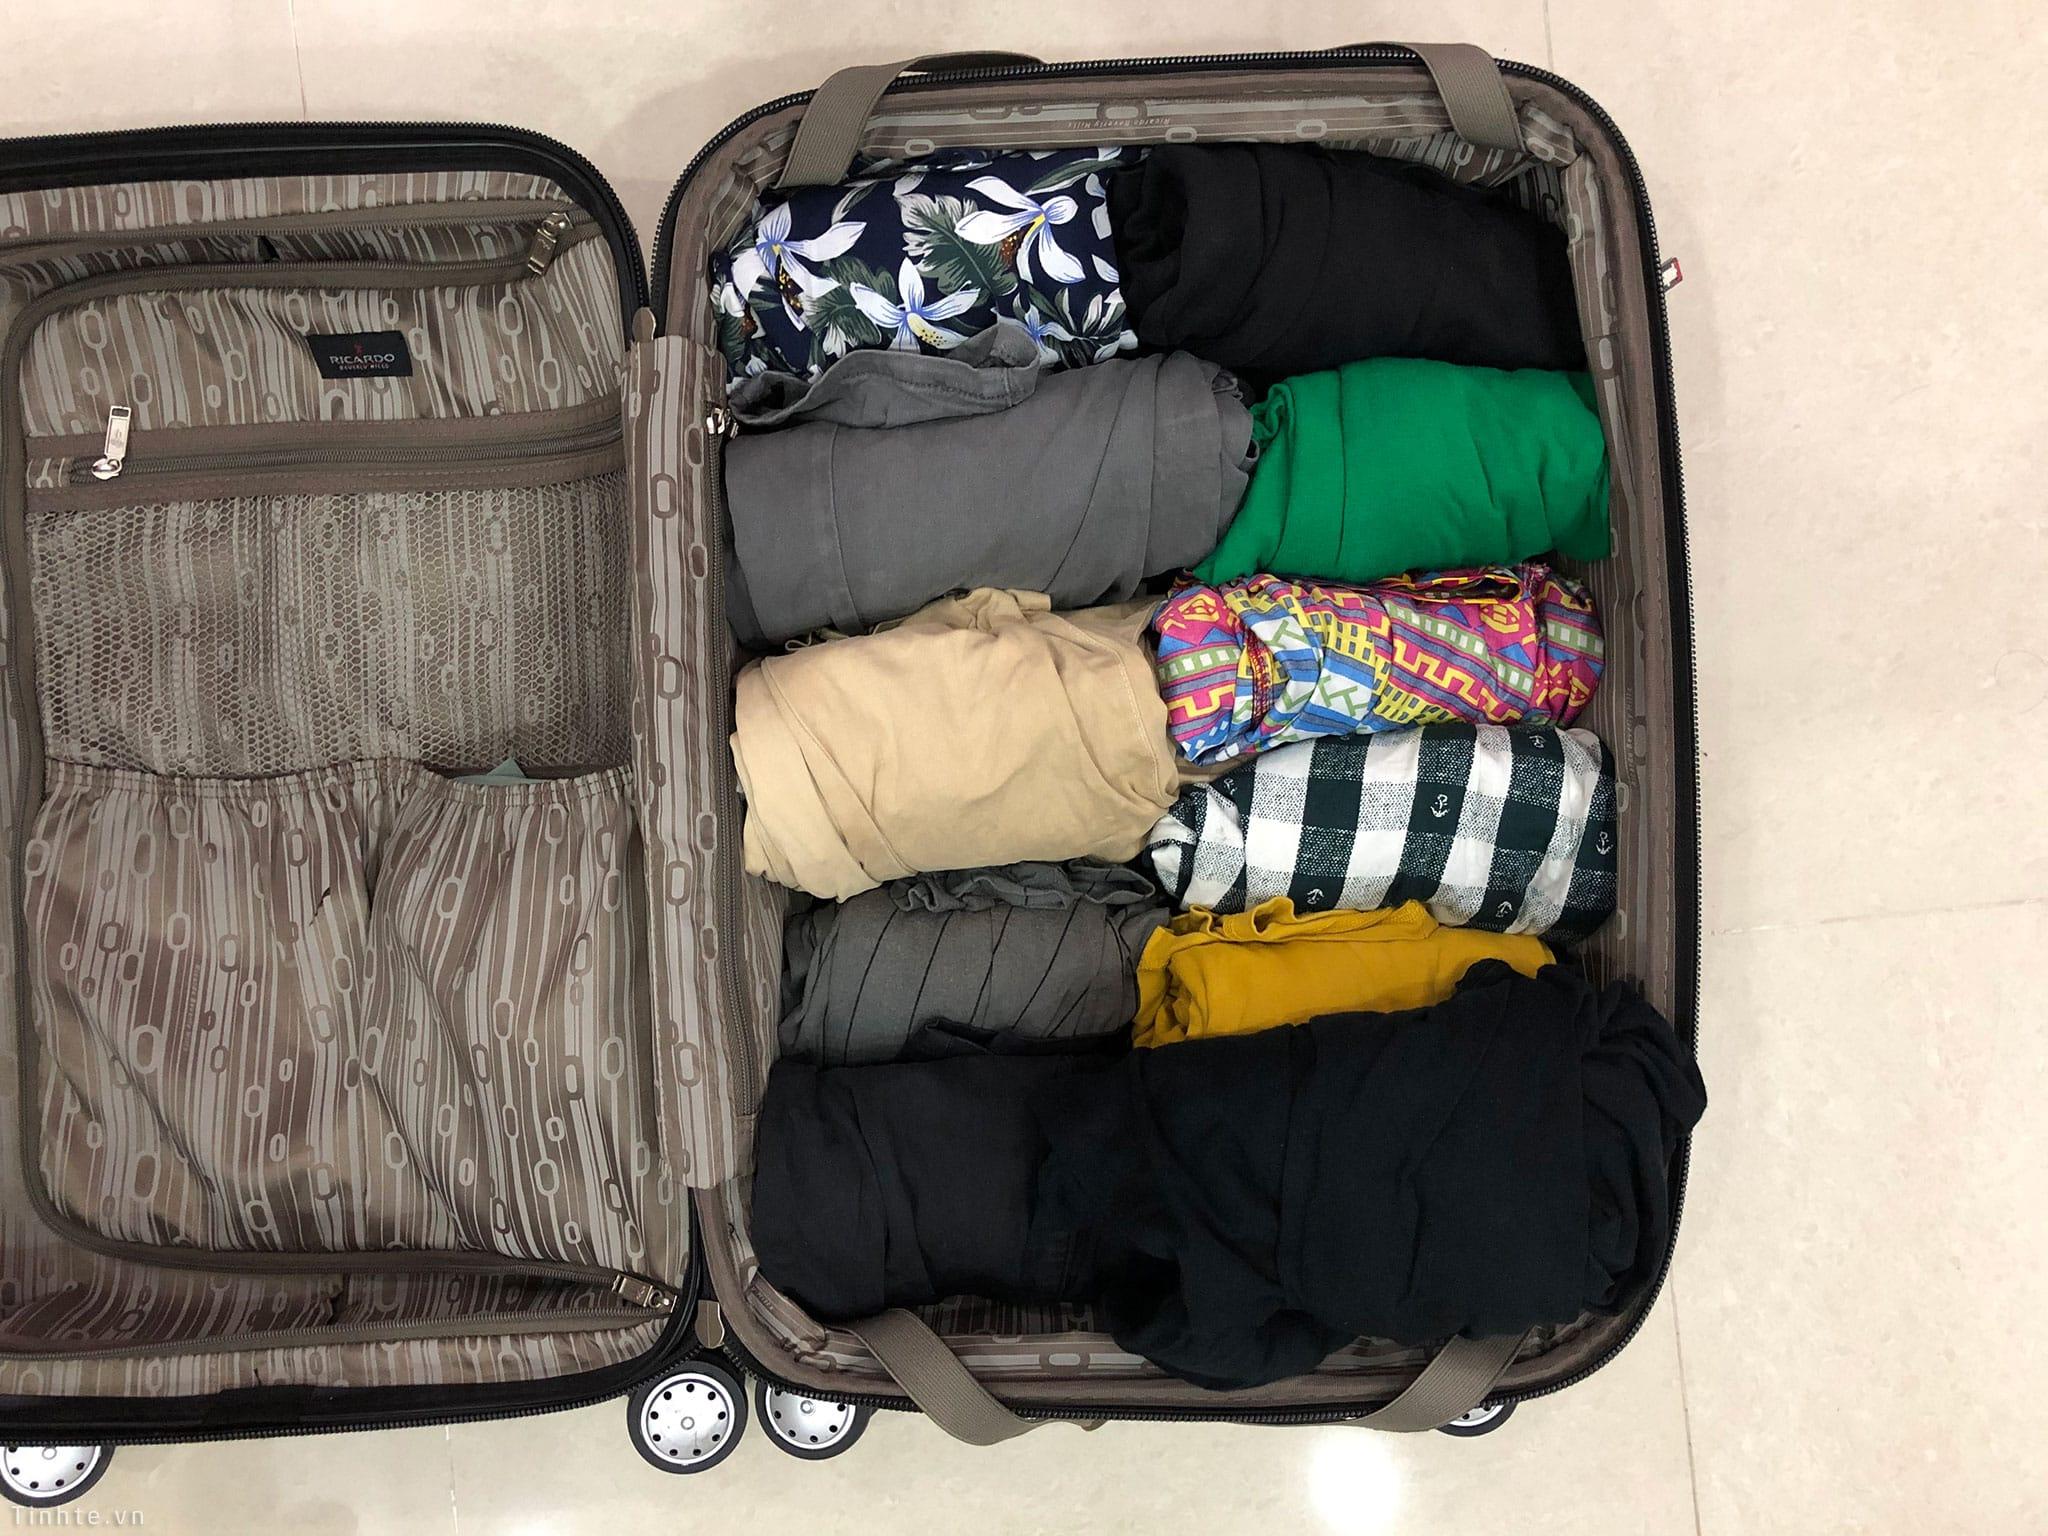 Chia sẻ] So sánh cách xếp đồ dùng vào vali, và giải pháp để tiết kiệm không  gian chứa đồ | Tinh tế